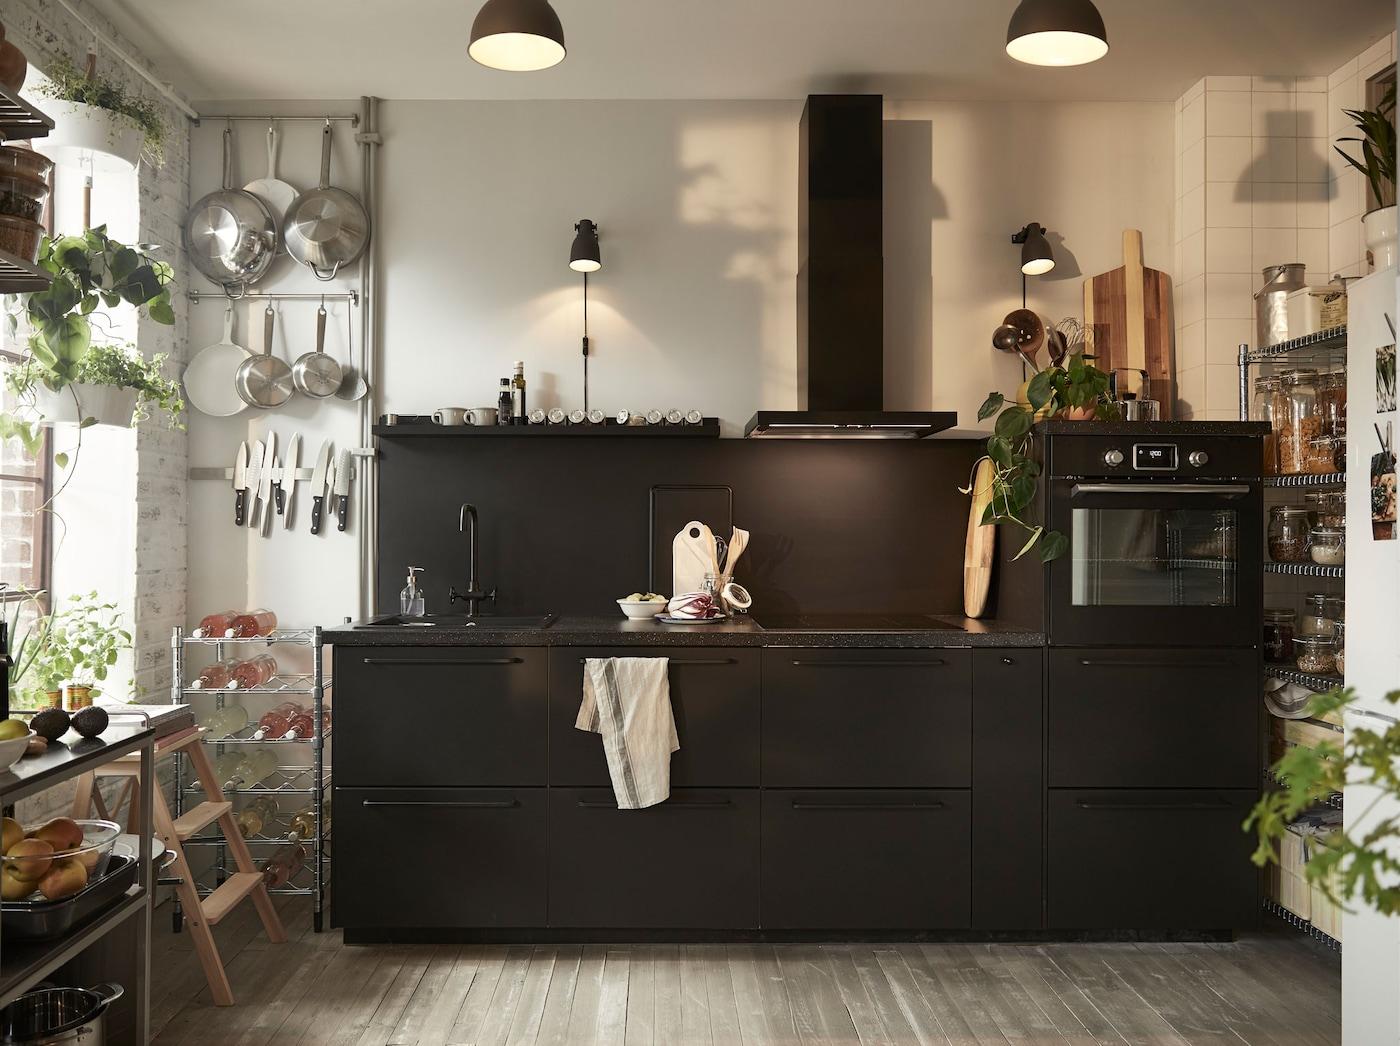 Outdoor Küche Ikea Udden : Barmöbel für die küchentheke günstig online kaufen ikea